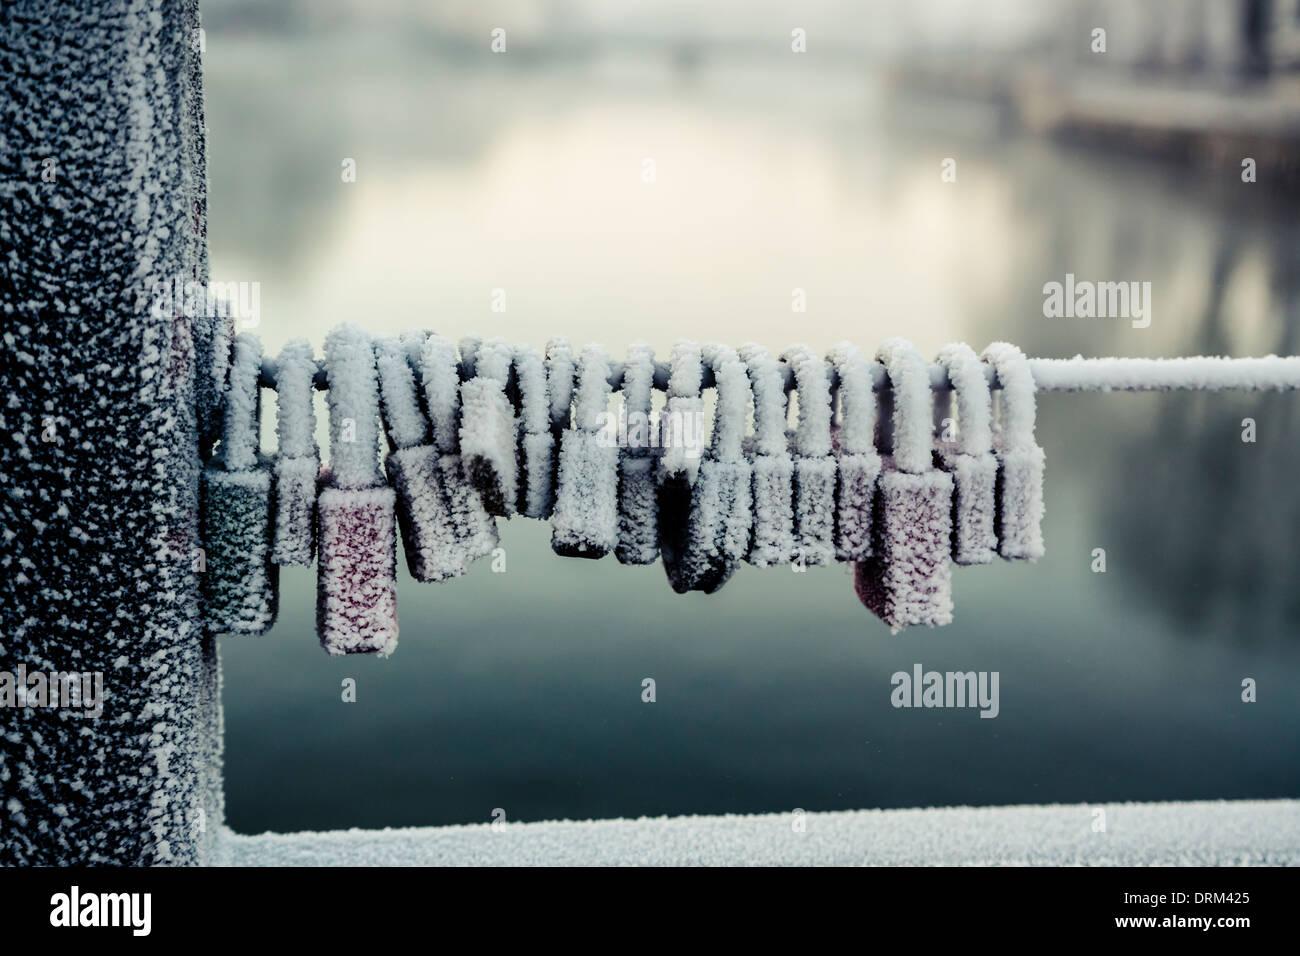 Deutschland, Bayern, Landshut, Liebe Schlösser eingefroren Stockbild